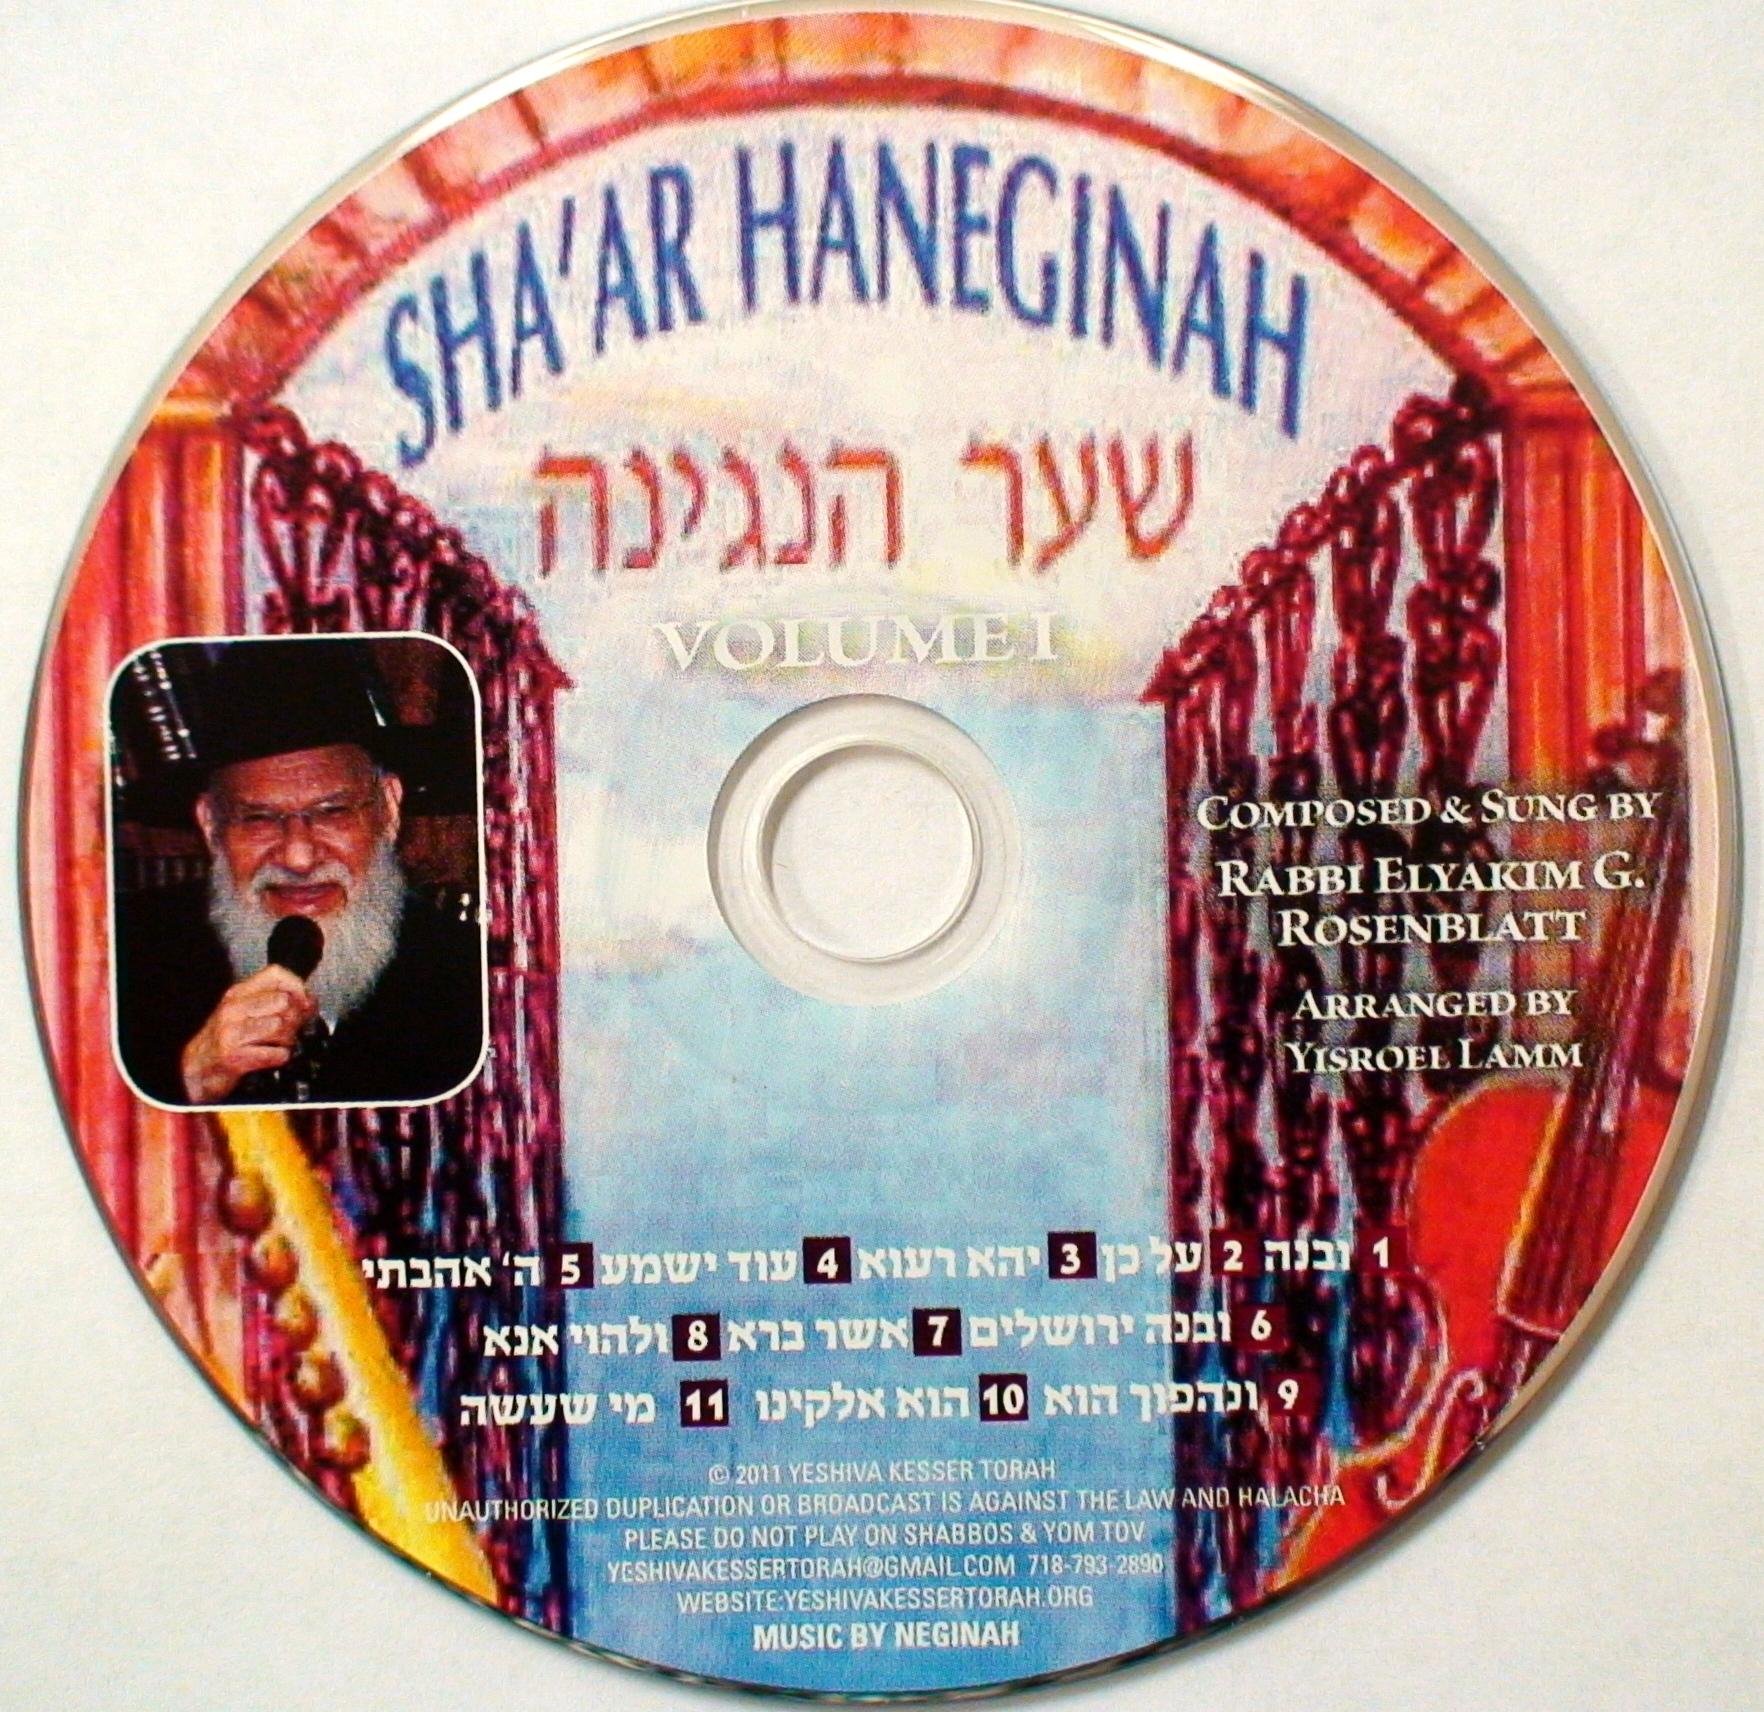 Shaar Haneginah Volume 1 CD